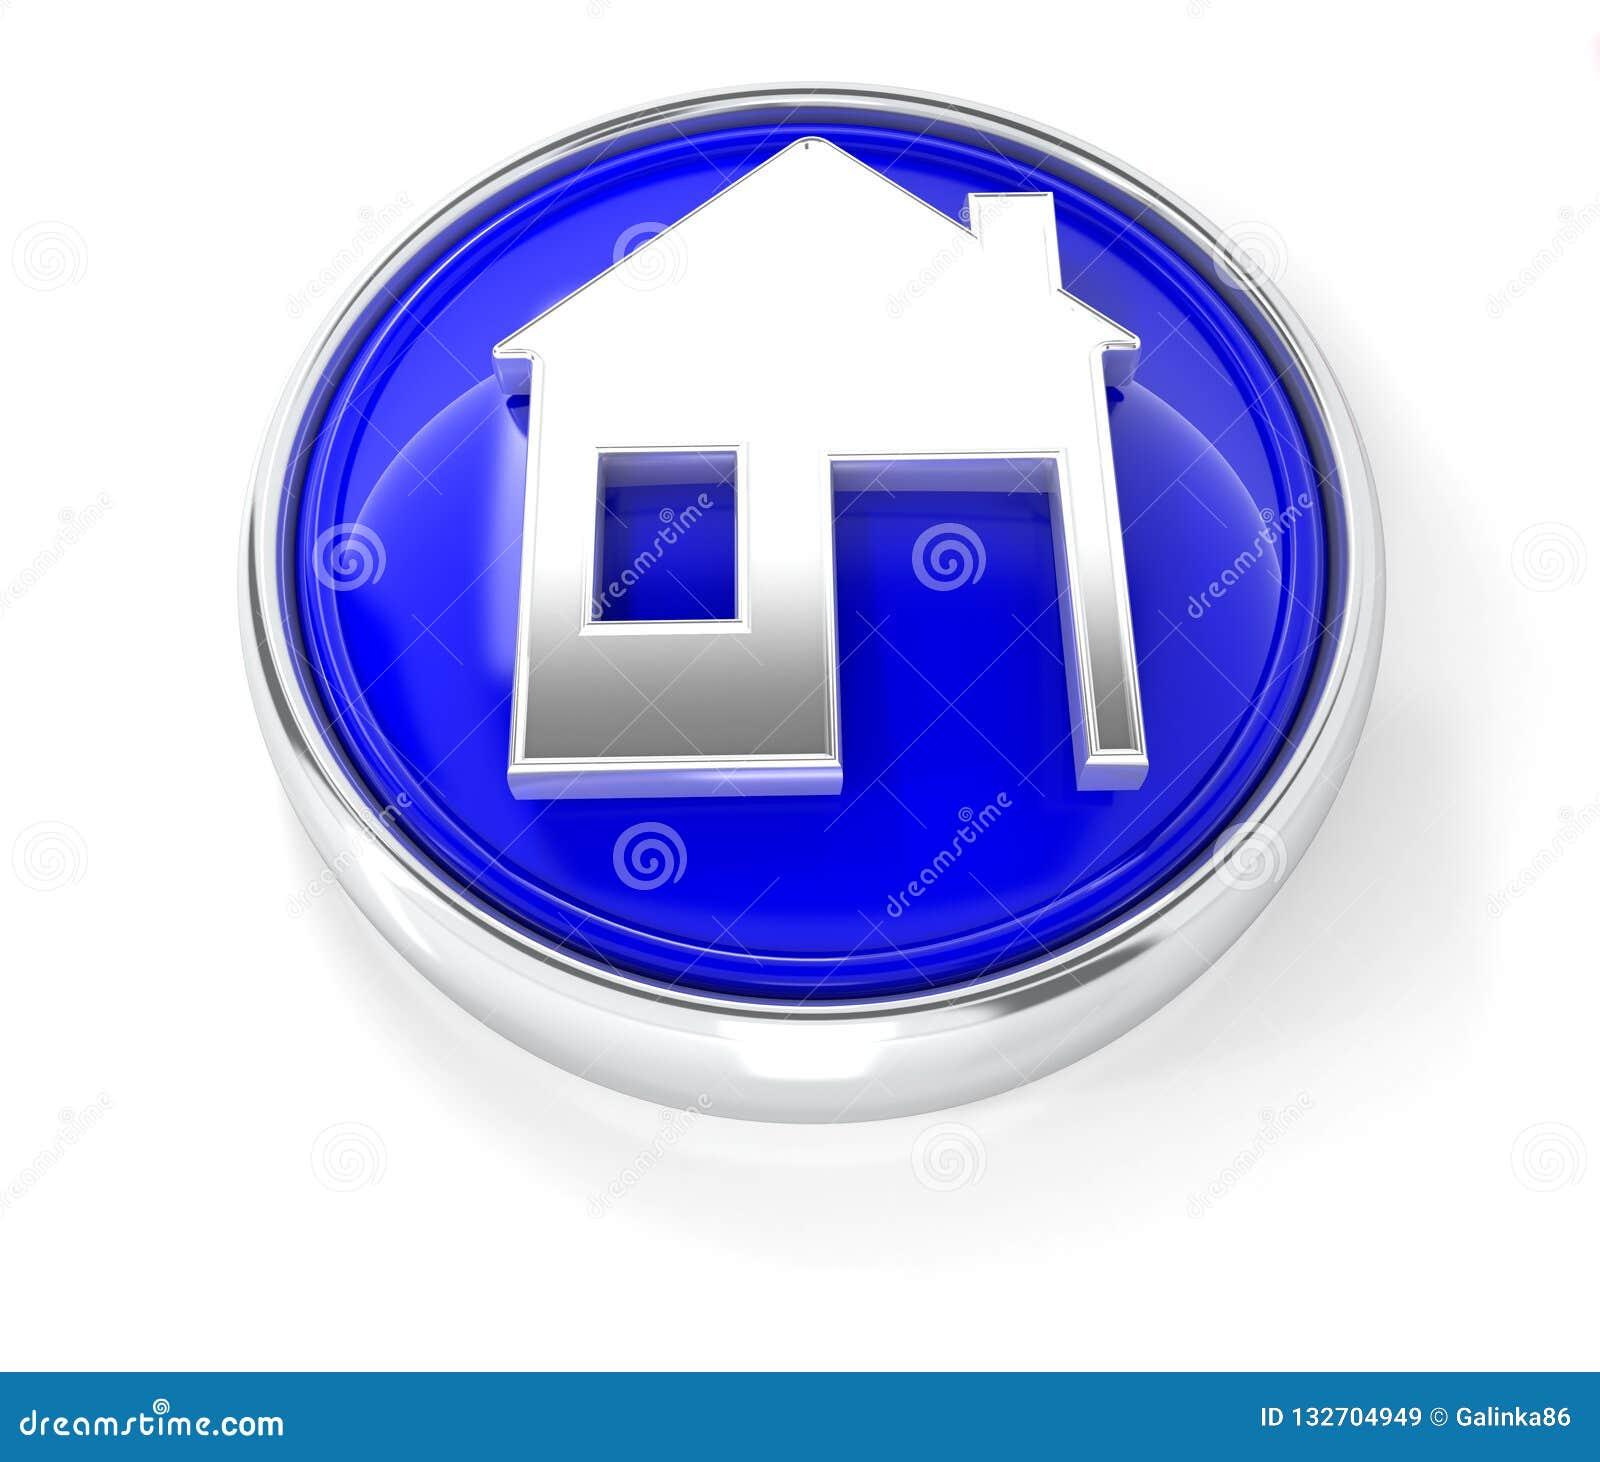 Εγχώριο εικονίδιο στο στιλπνό μπλε στρογγυλό κουμπί